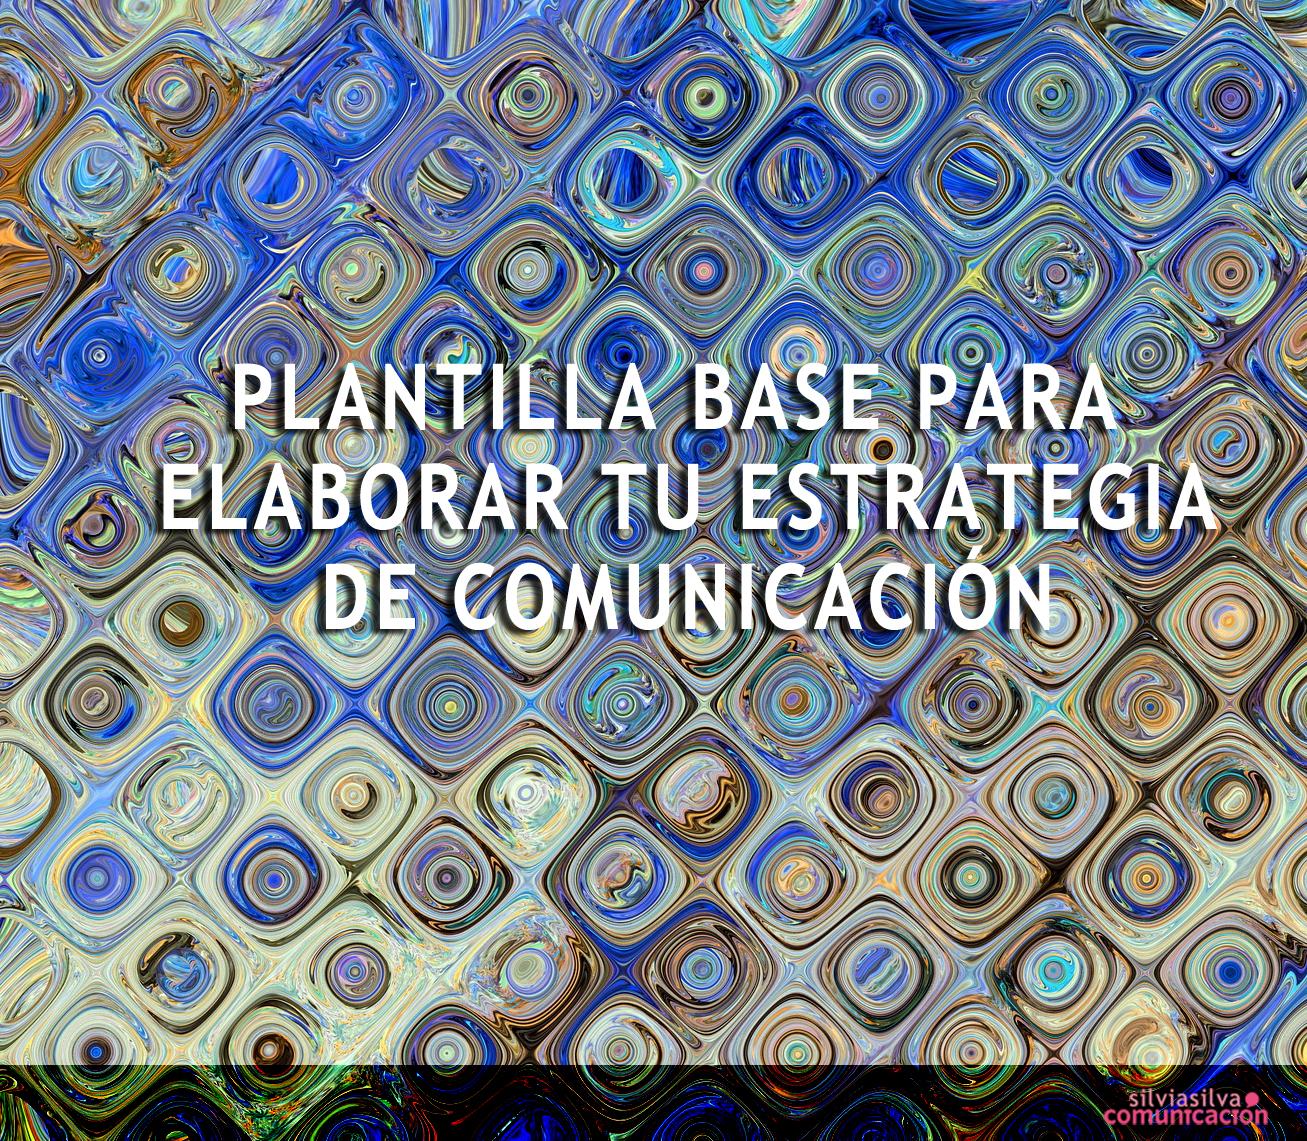 Plantilla base para elaborar tu estrategia de comunicación ...